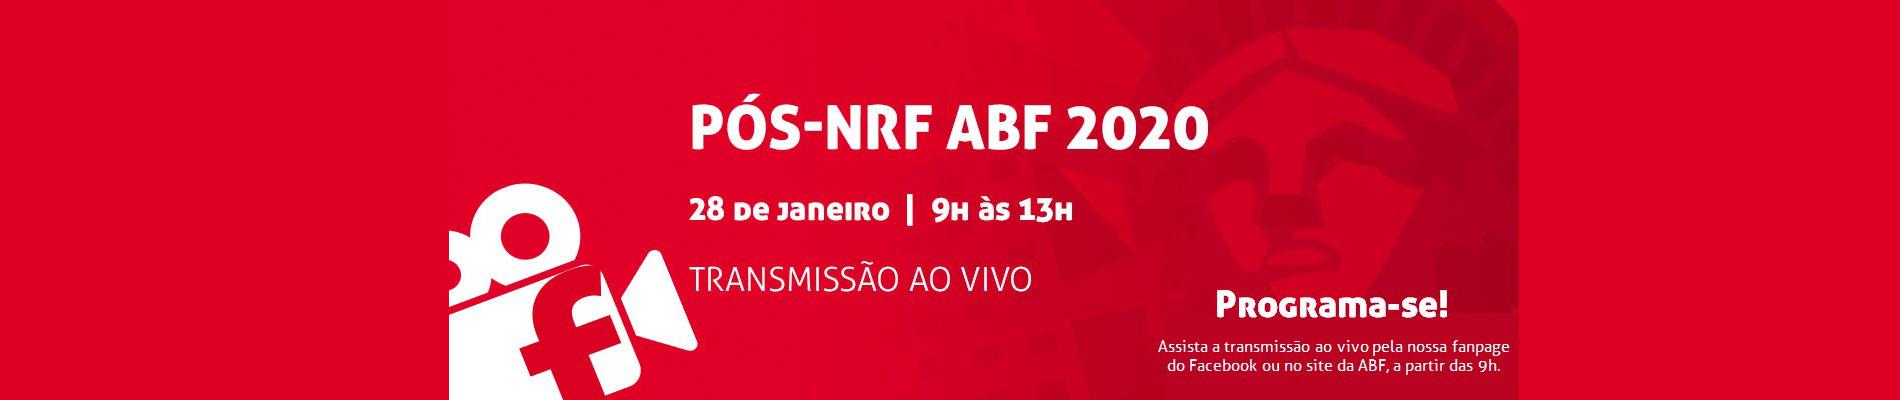 Pós-NRF